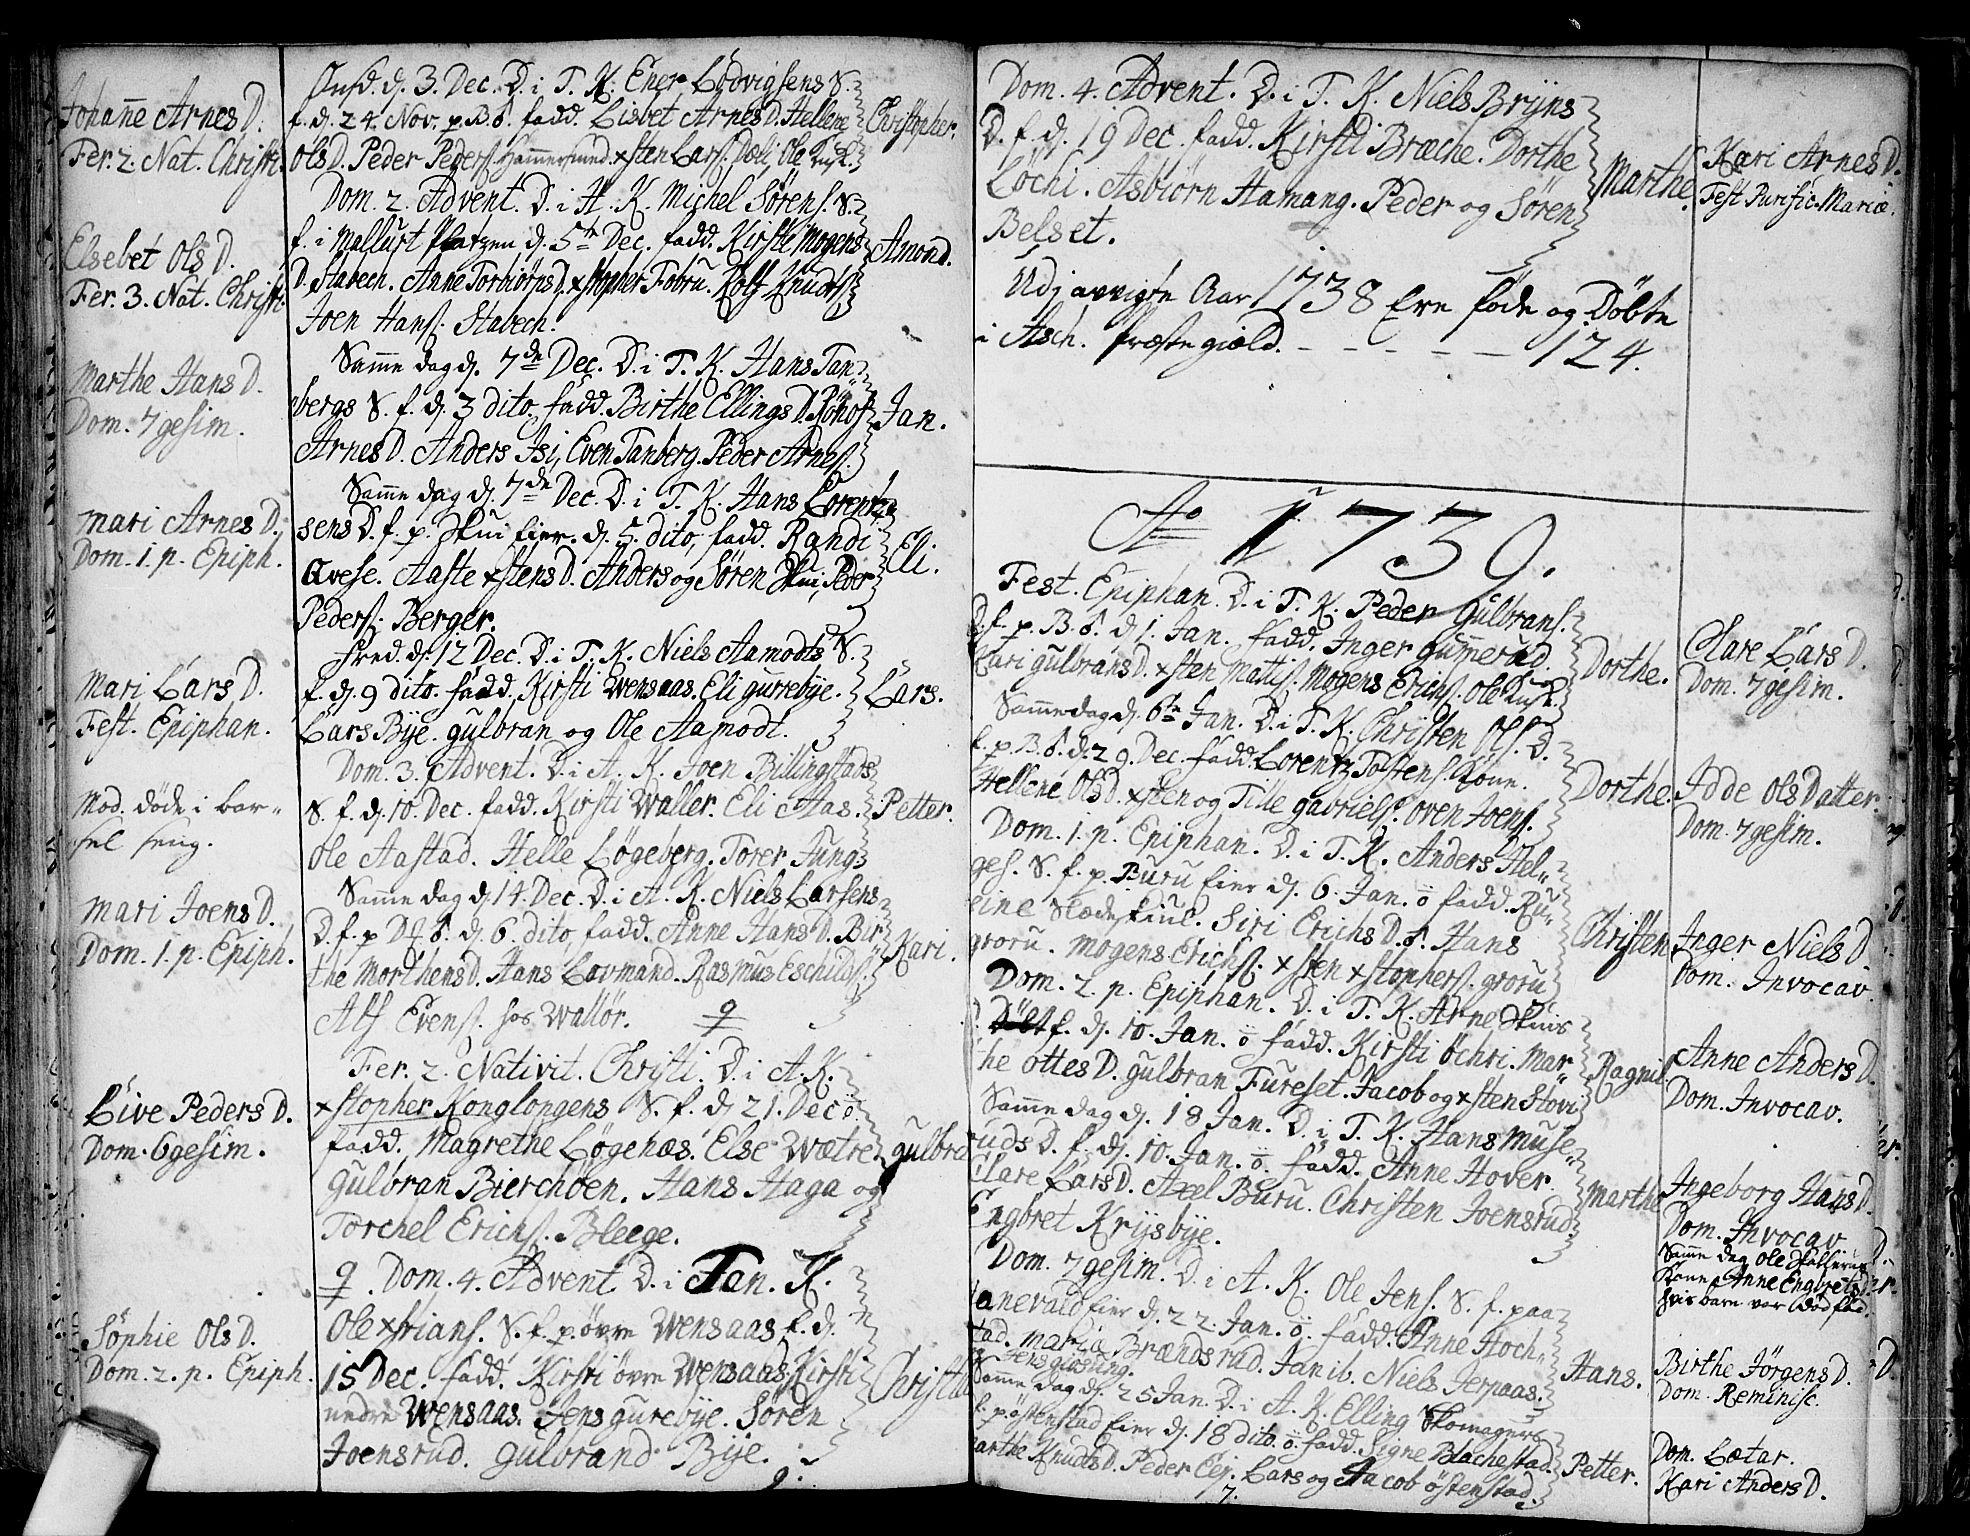 SAO, Asker prestekontor Kirkebøker, F/Fa/L0001: Ministerialbok nr. I 1, 1726-1744, s. 58